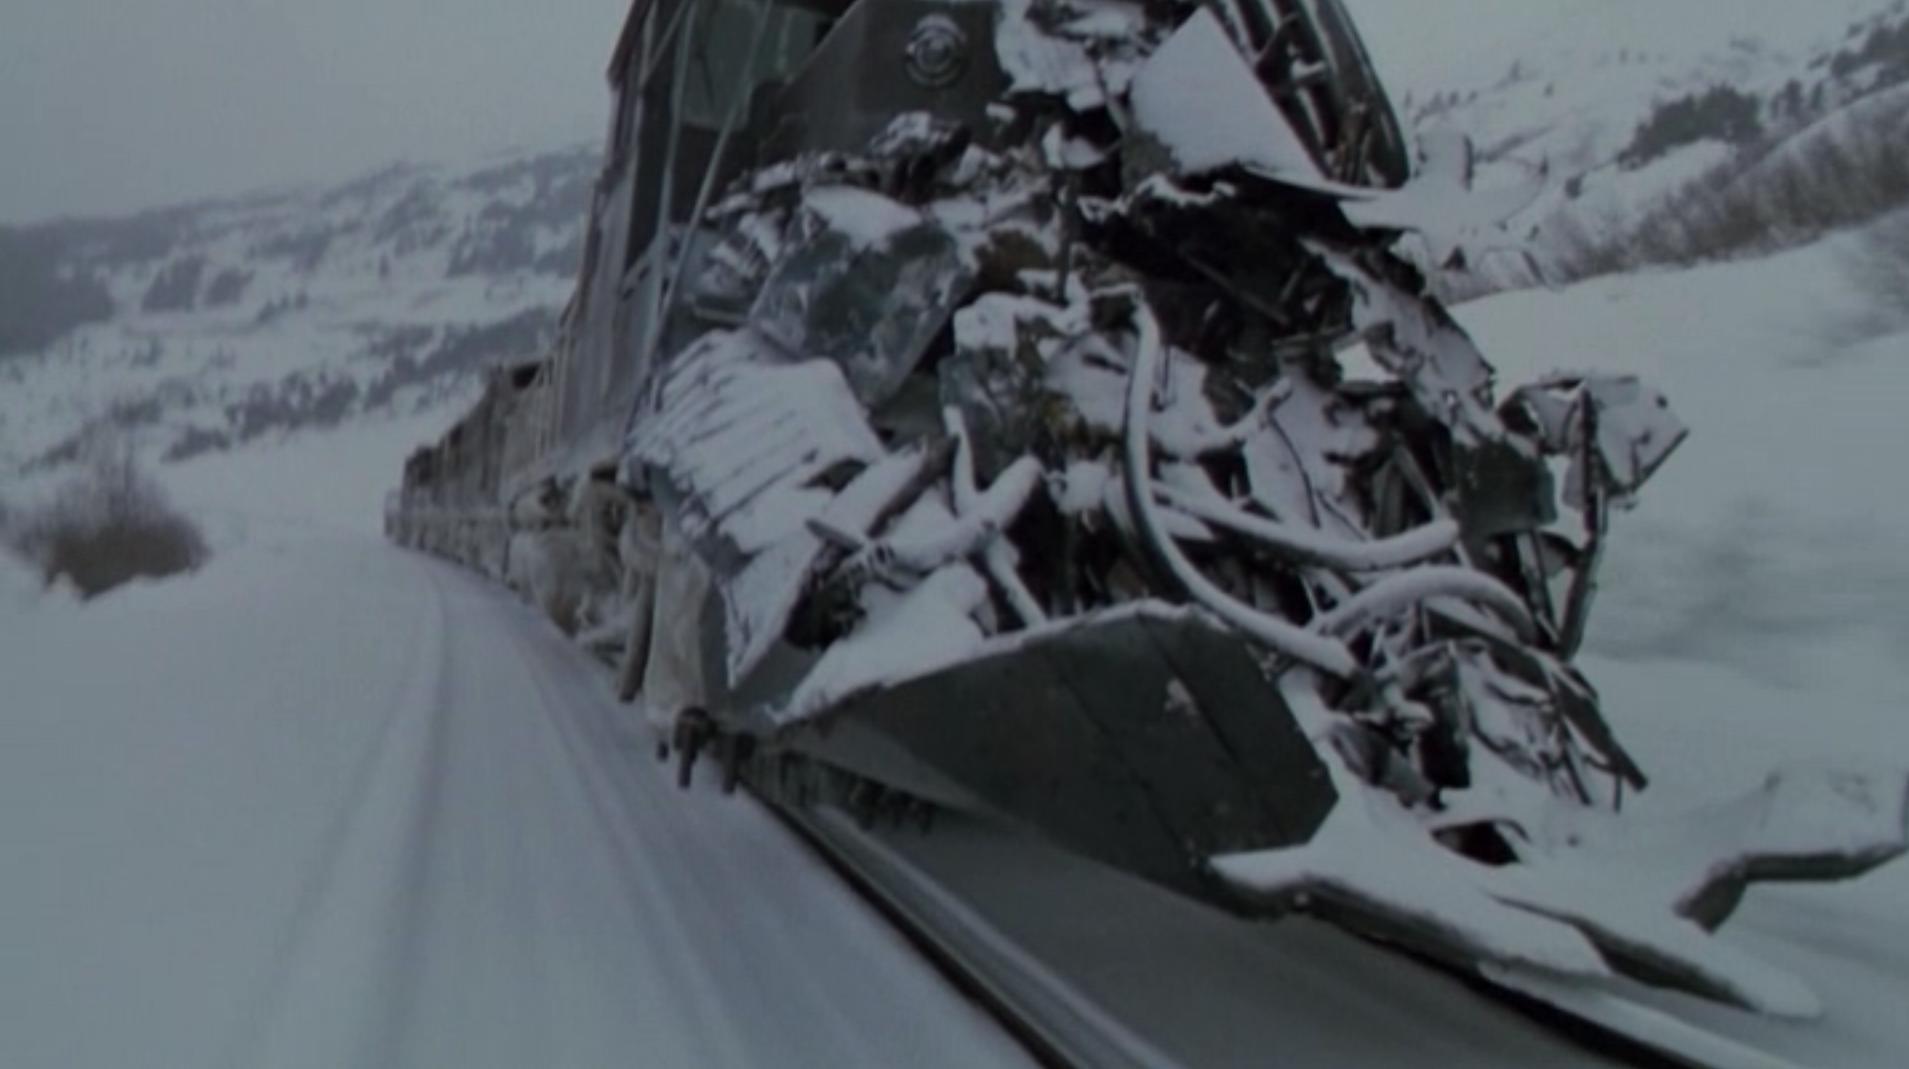 le train fou, monstre d'acier incontrôlable et surpuissant